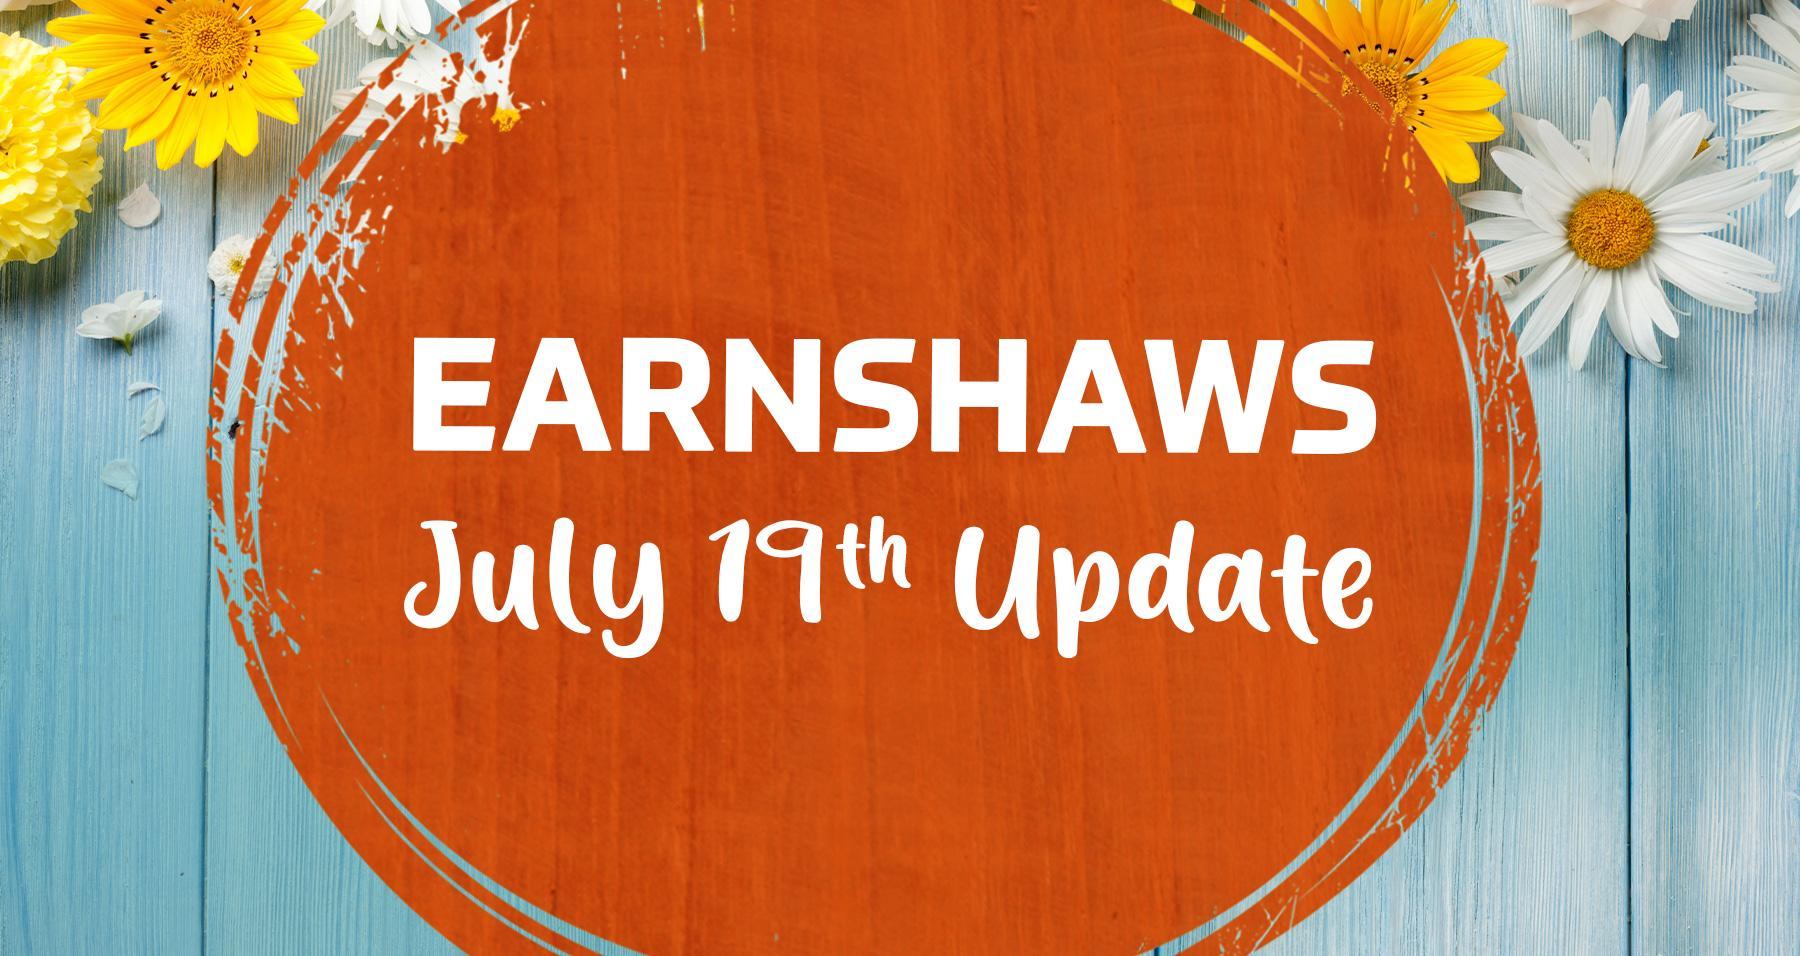 July 19th Update